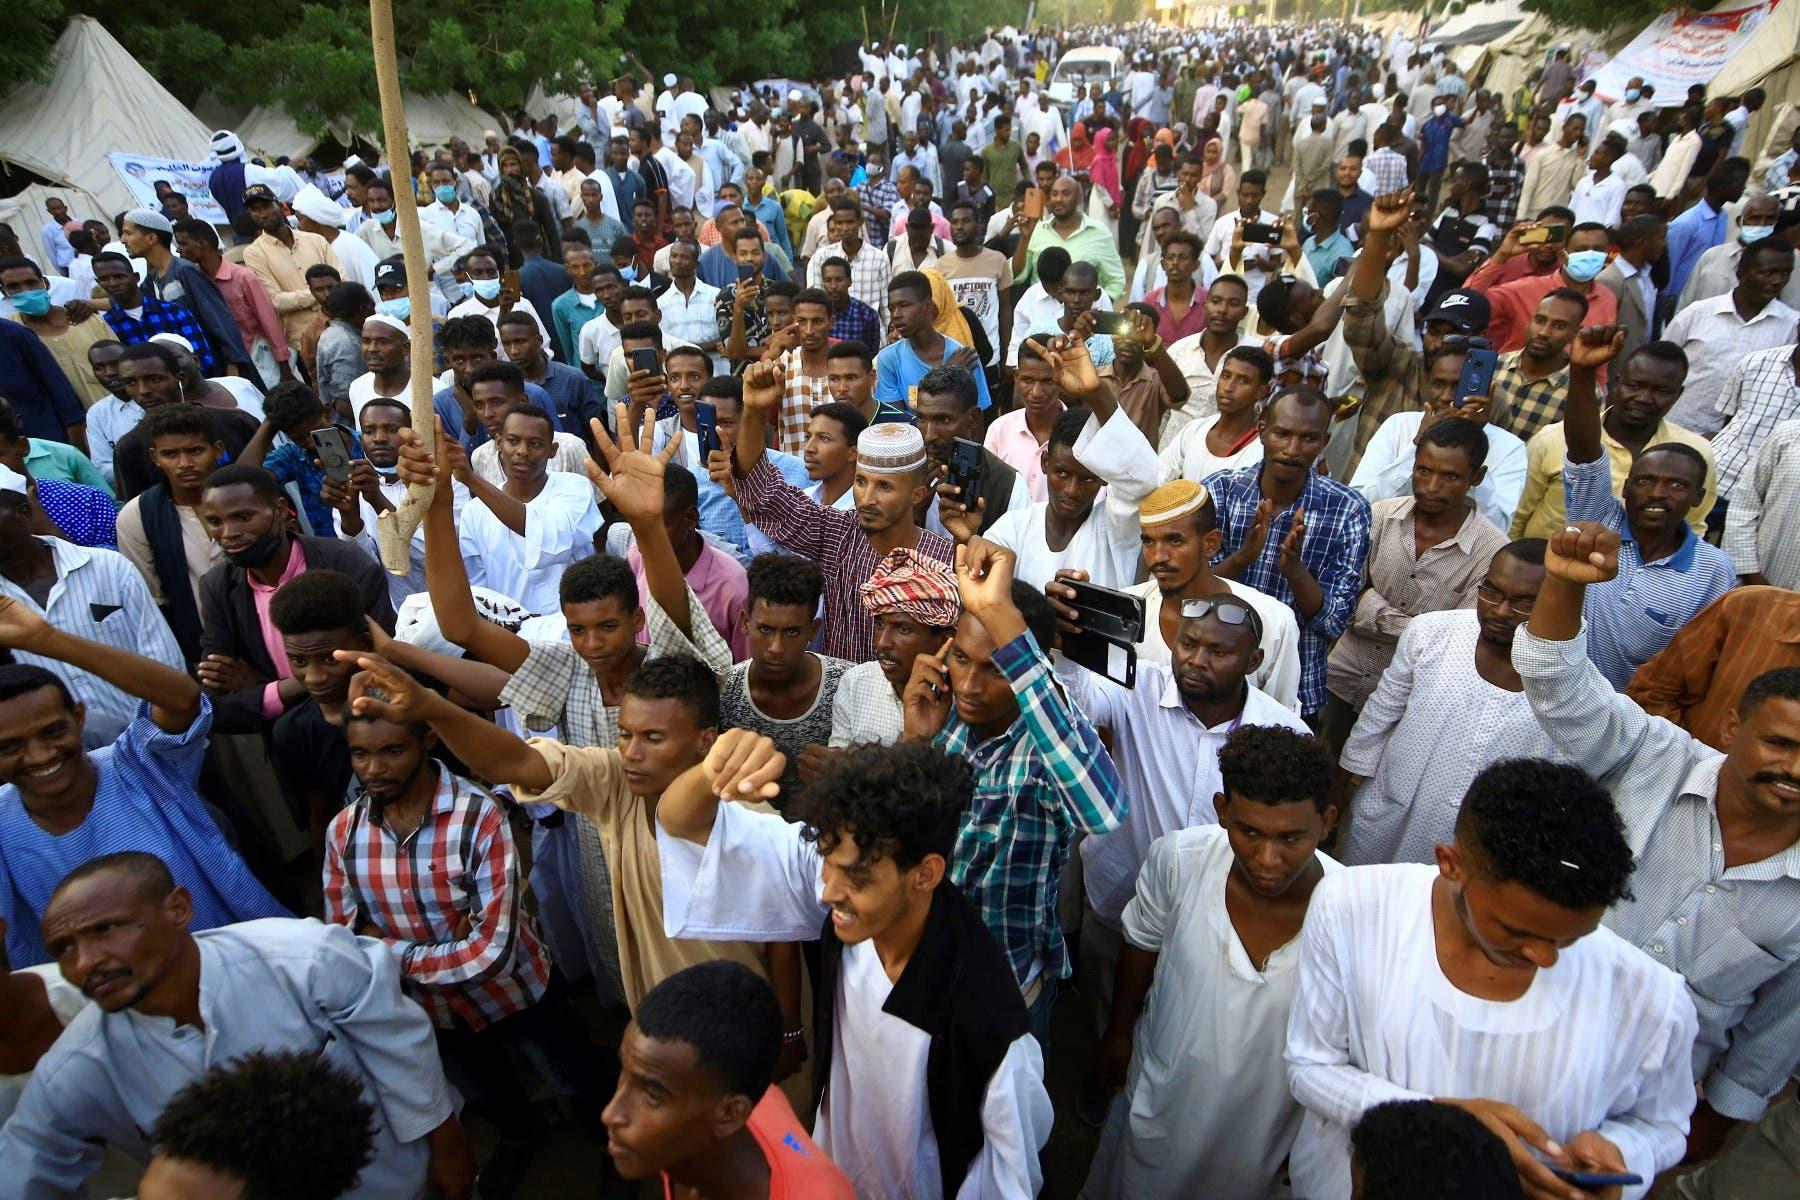 تظاهرة مناهضة للحكومة في الخرطوم (19 أكتوبر 2021- فرانس برس)